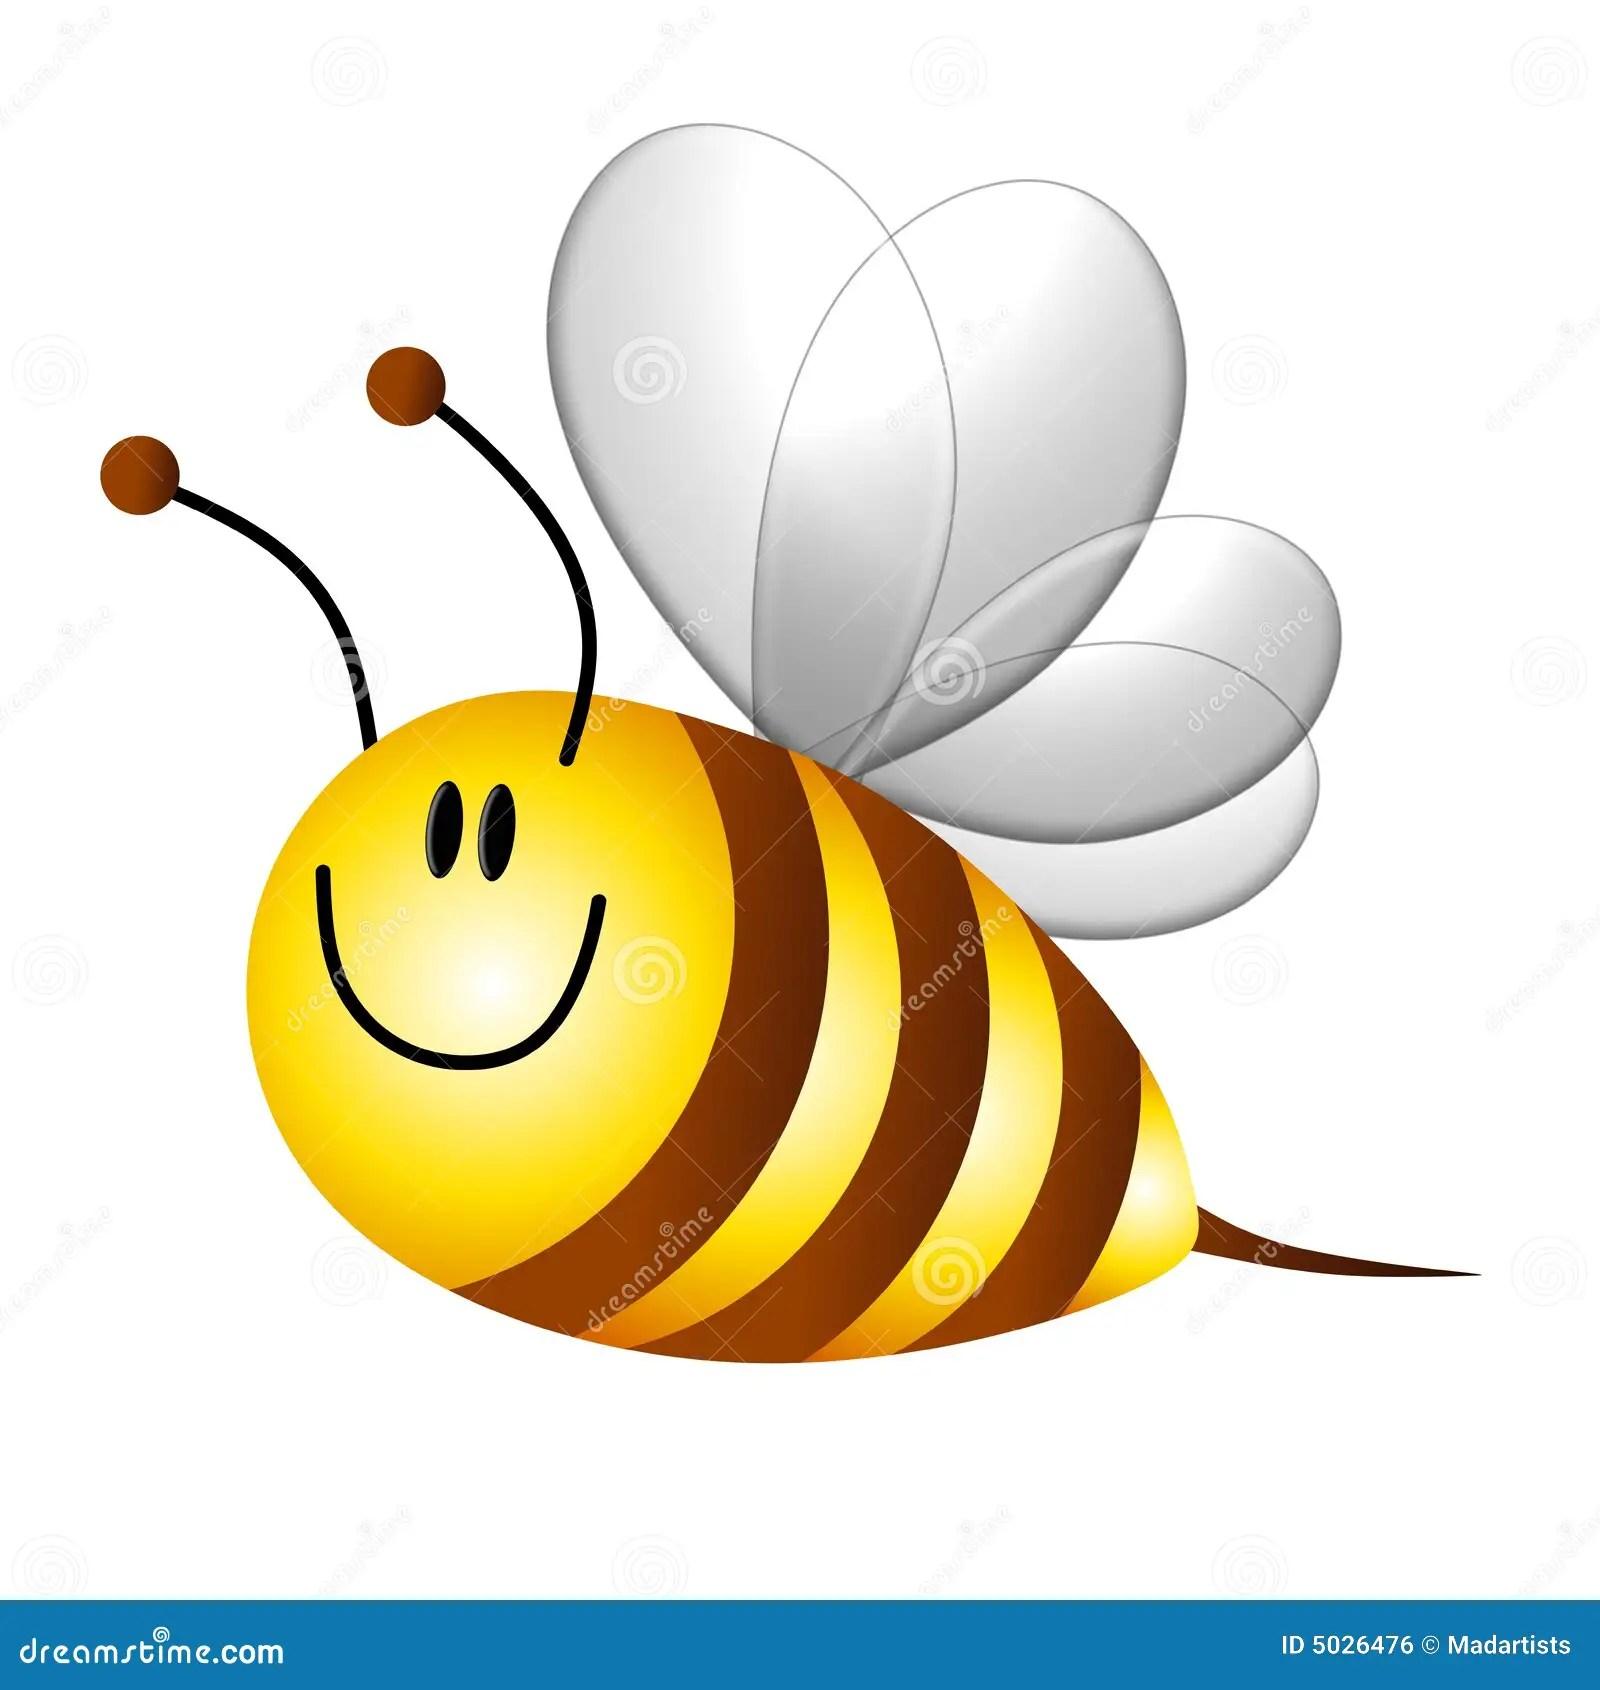 bumble bee diagram exposition plot biet stapplar tecknad filmflyg stock illustrationer